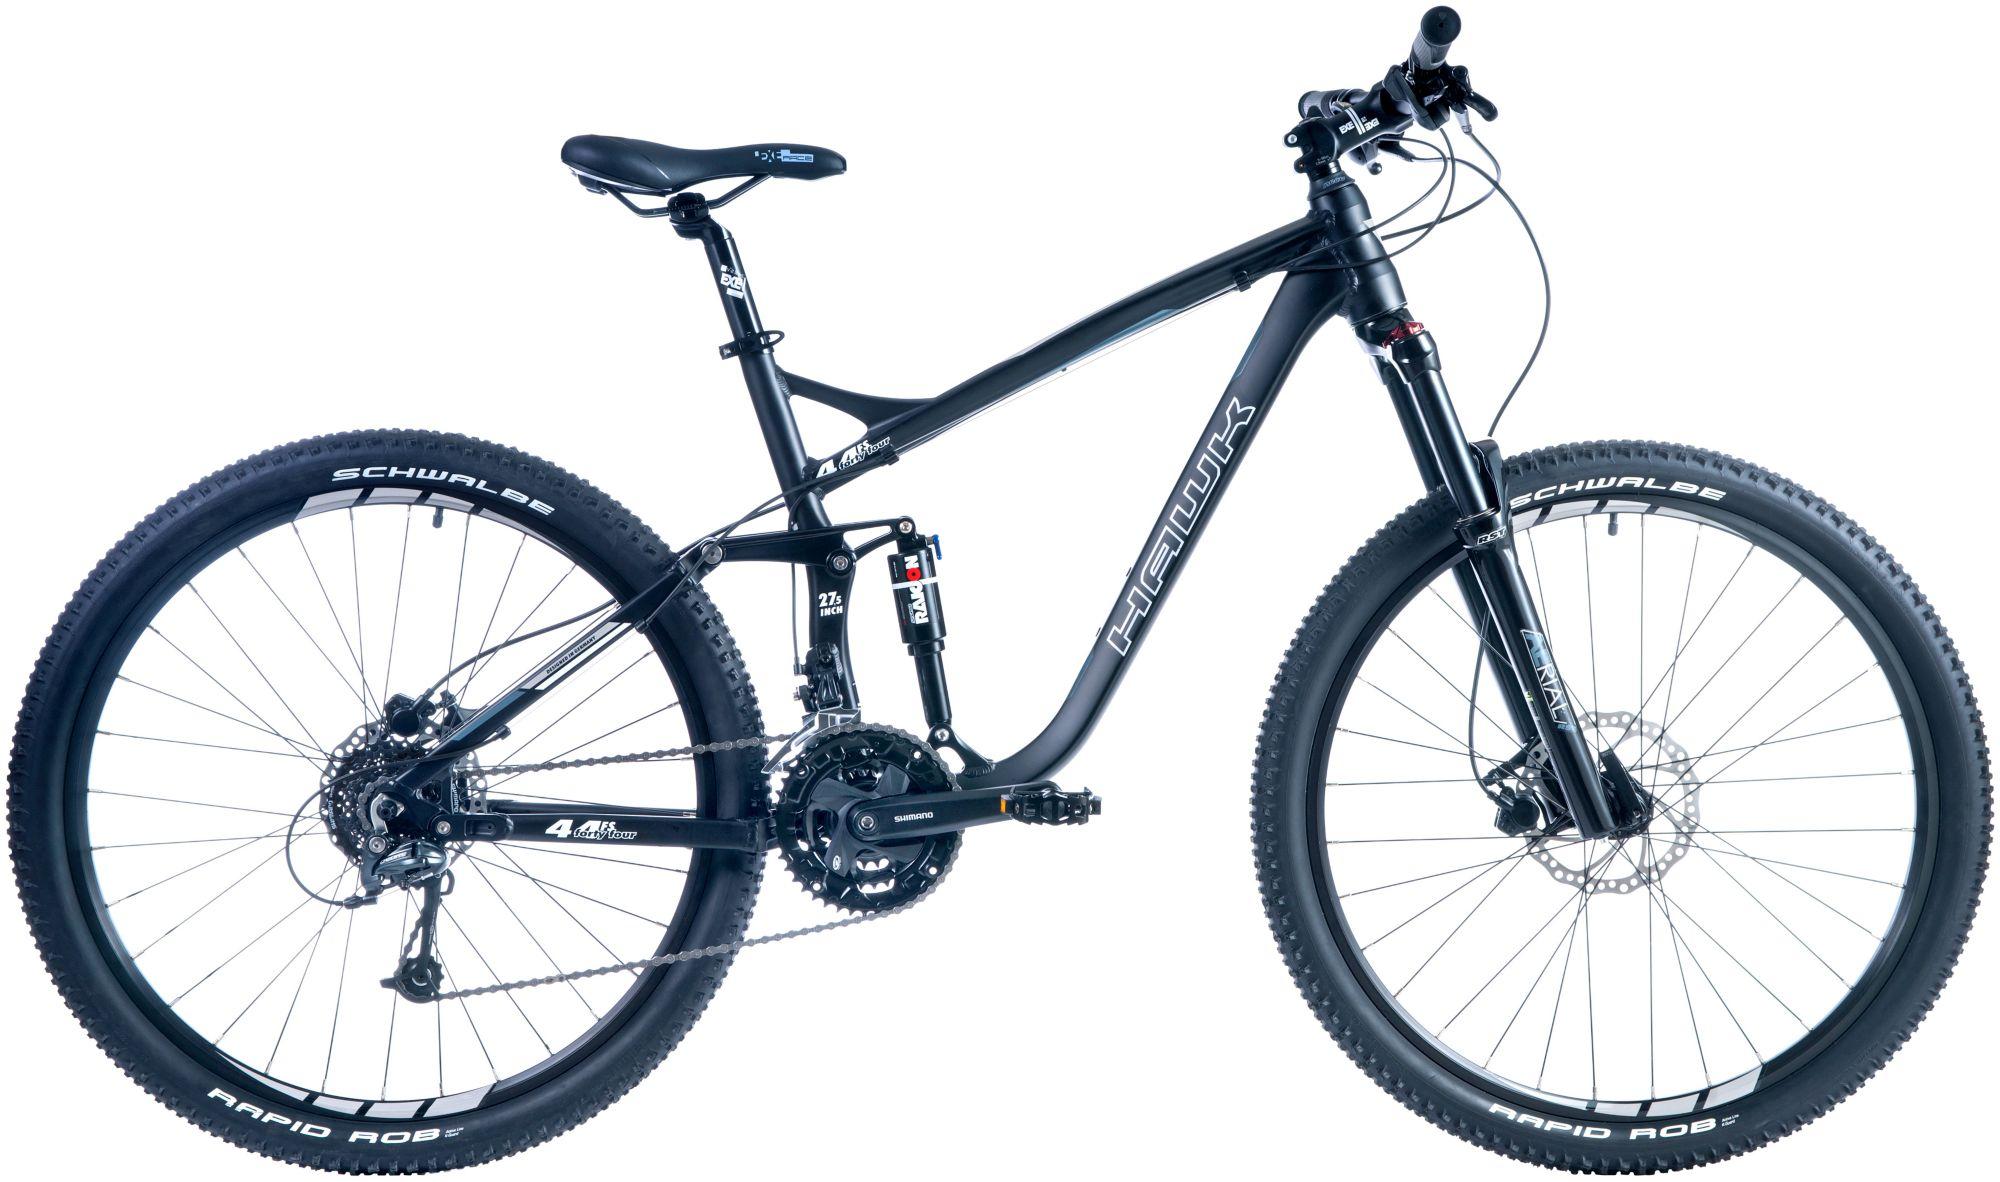 HAWK Hawk Mountainbike »Fourtyfour«, RH 46, 27,5 Zoll, 27 Gang, Hydraulische Scheibenbremsen